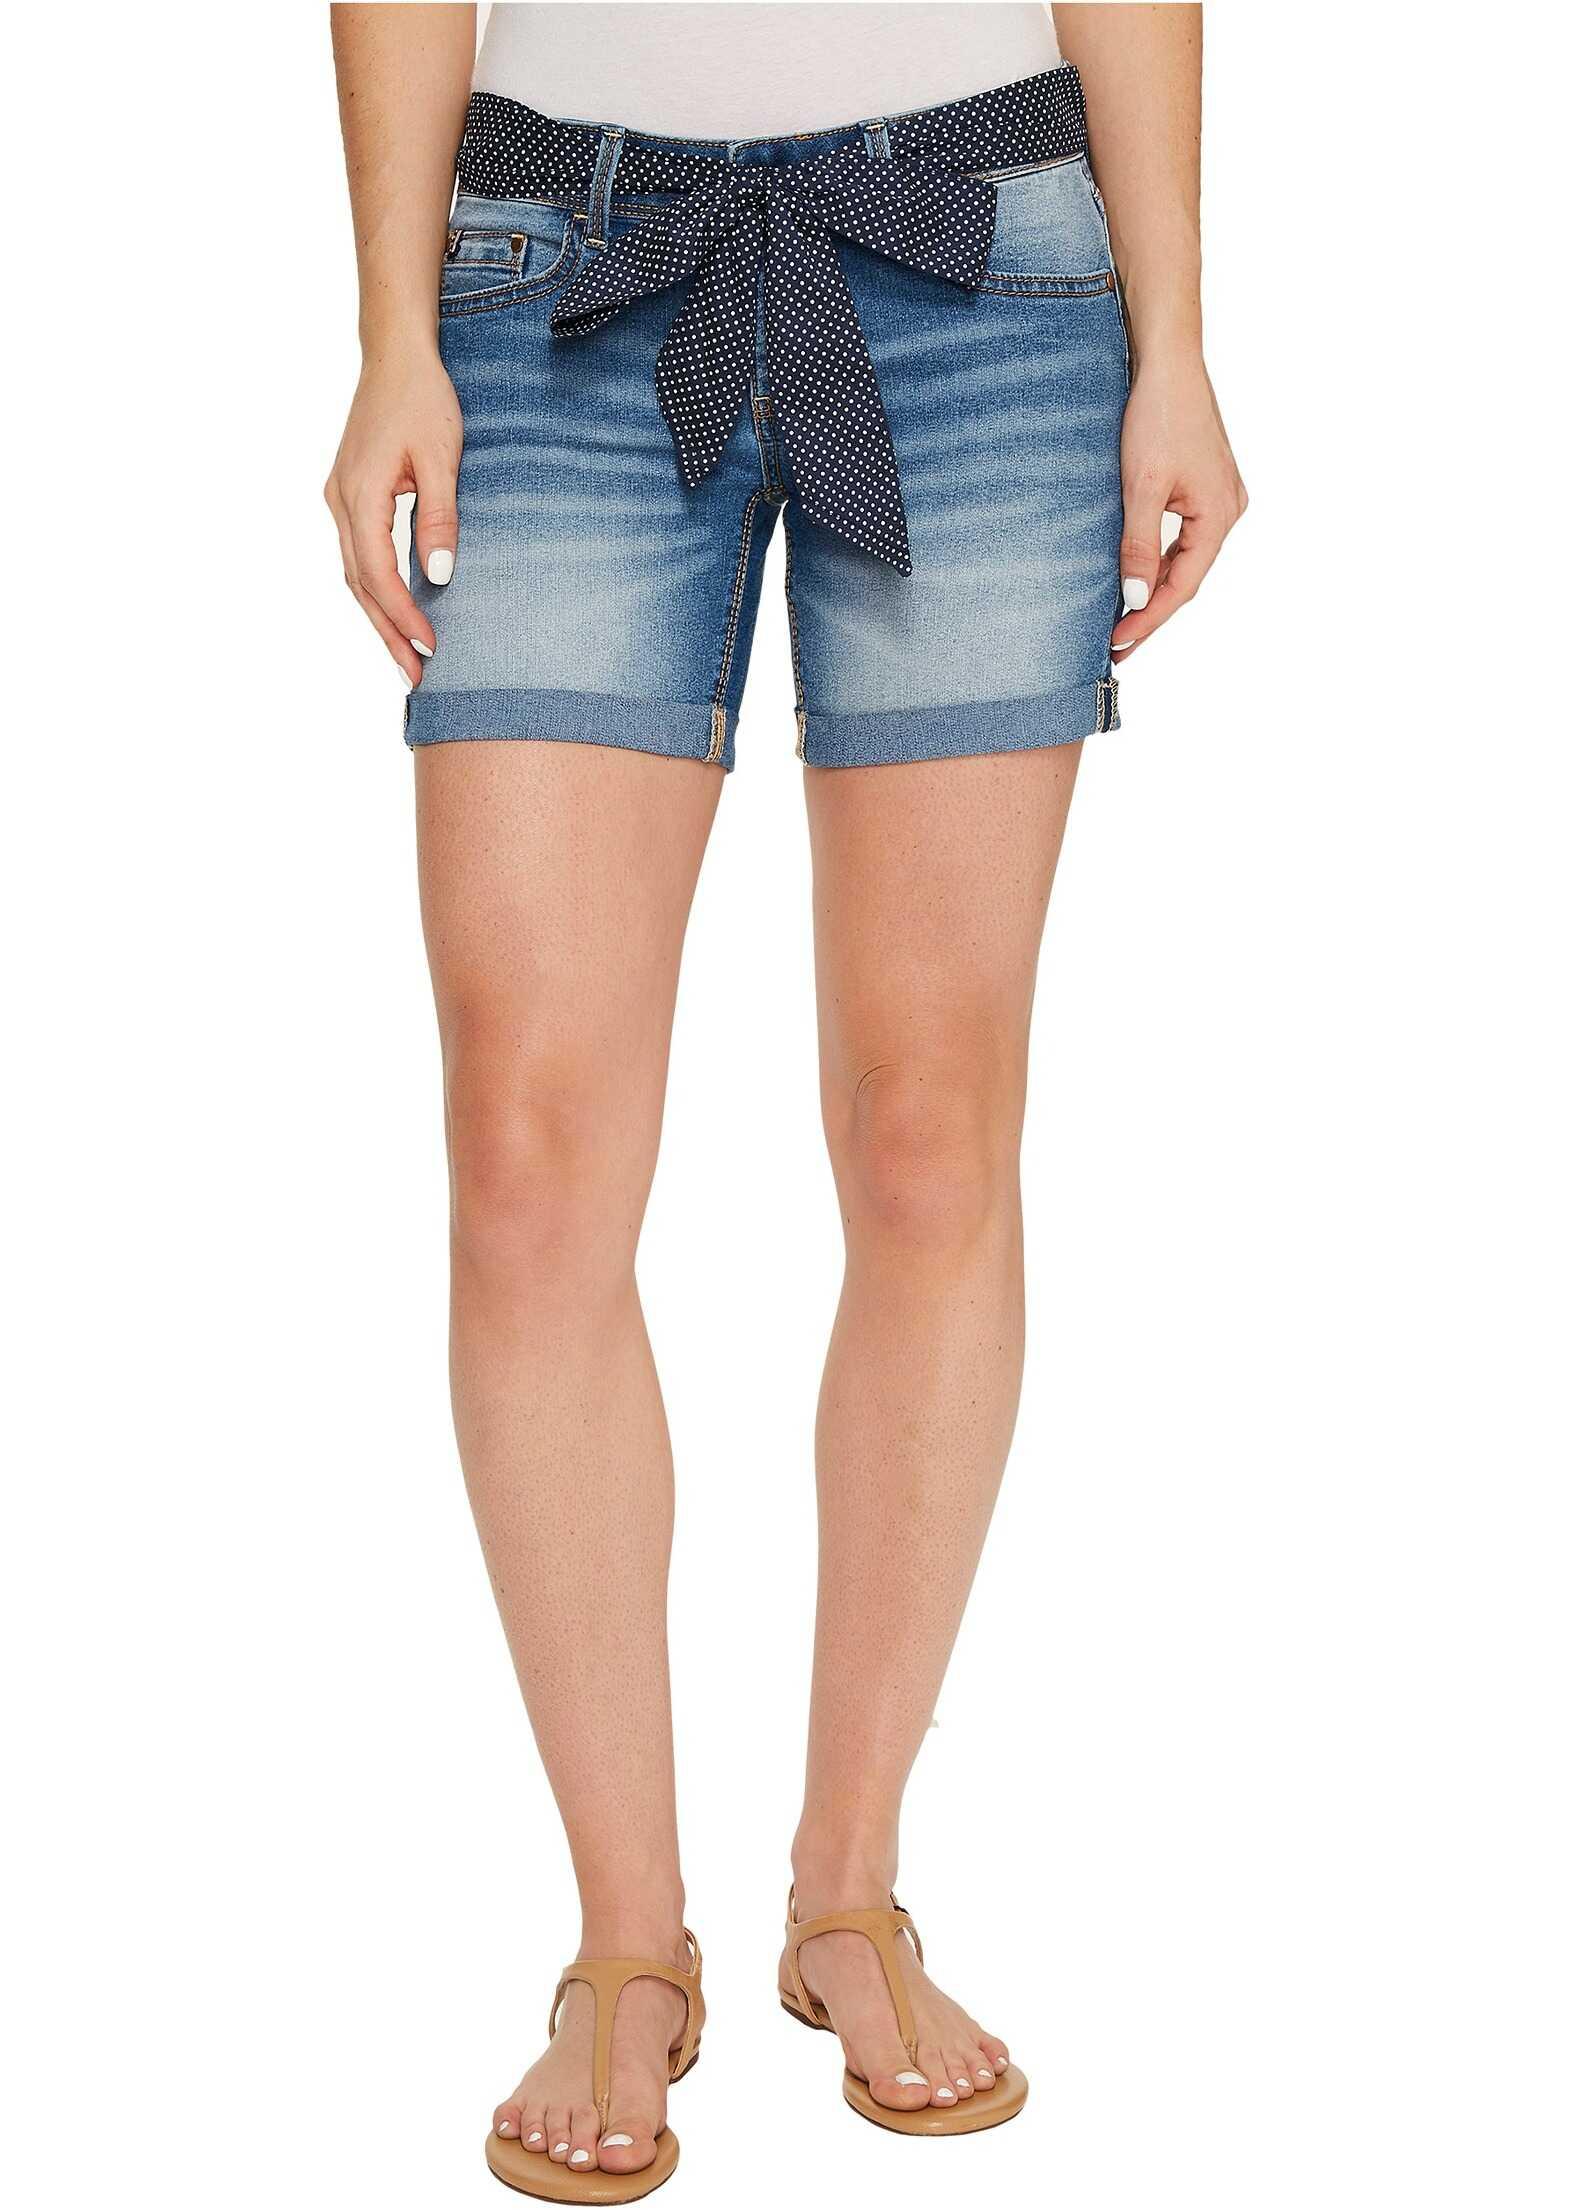 U.S. POLO ASSN. Belted Stretch Denim Five-Pocket Shorts Mid Vintage